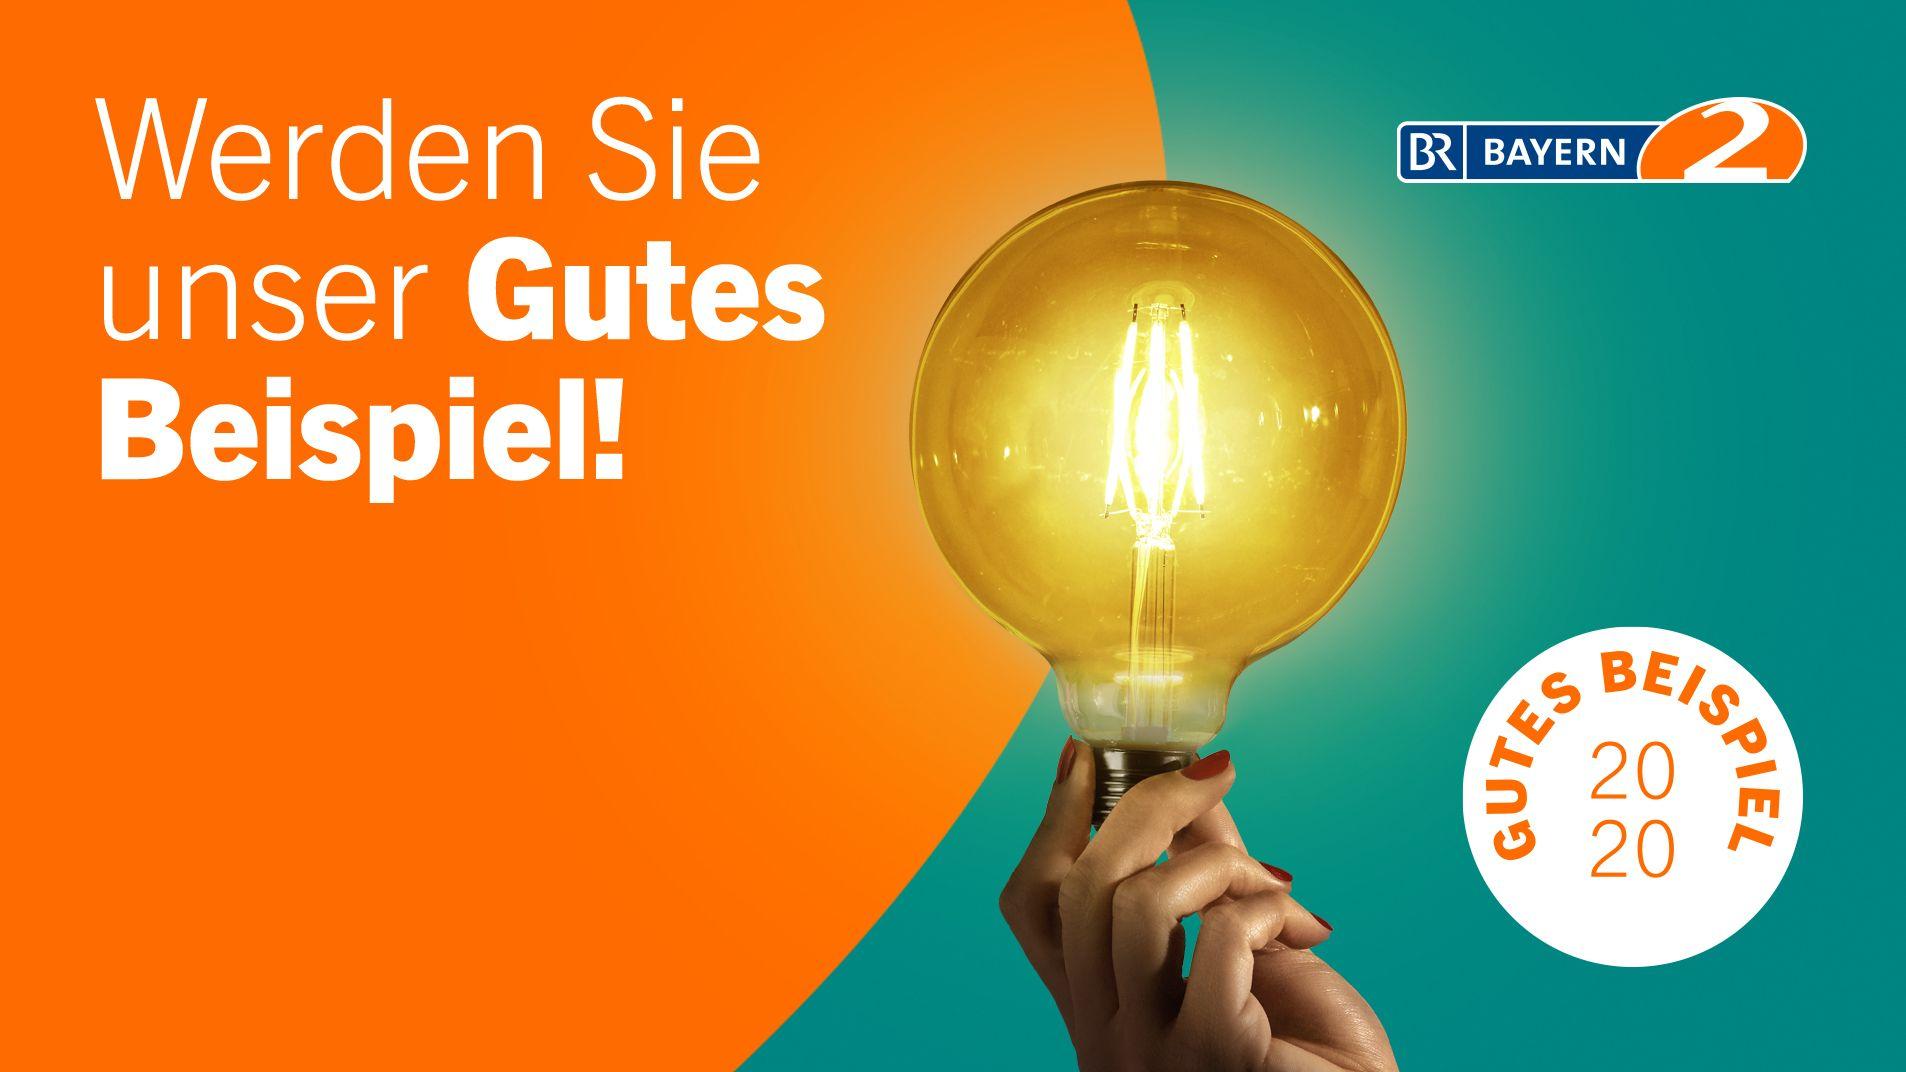 Bayern 2-Wettbewerb: Werden Sie unser Gutes Beispiel!